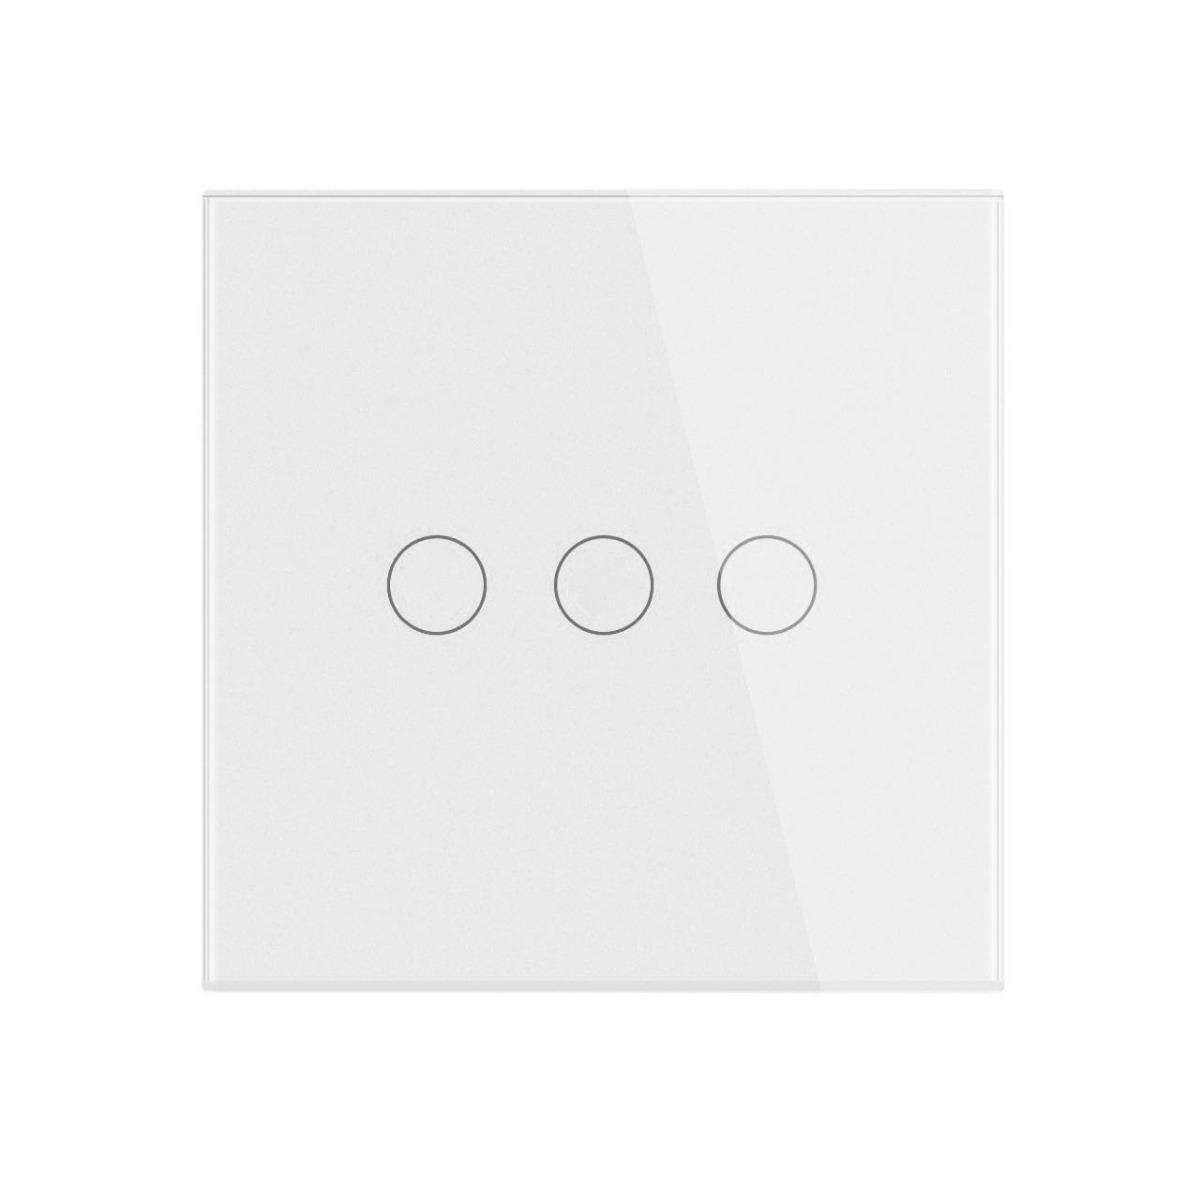 HIPER Умный встраиваемый выключатель Switch T03W